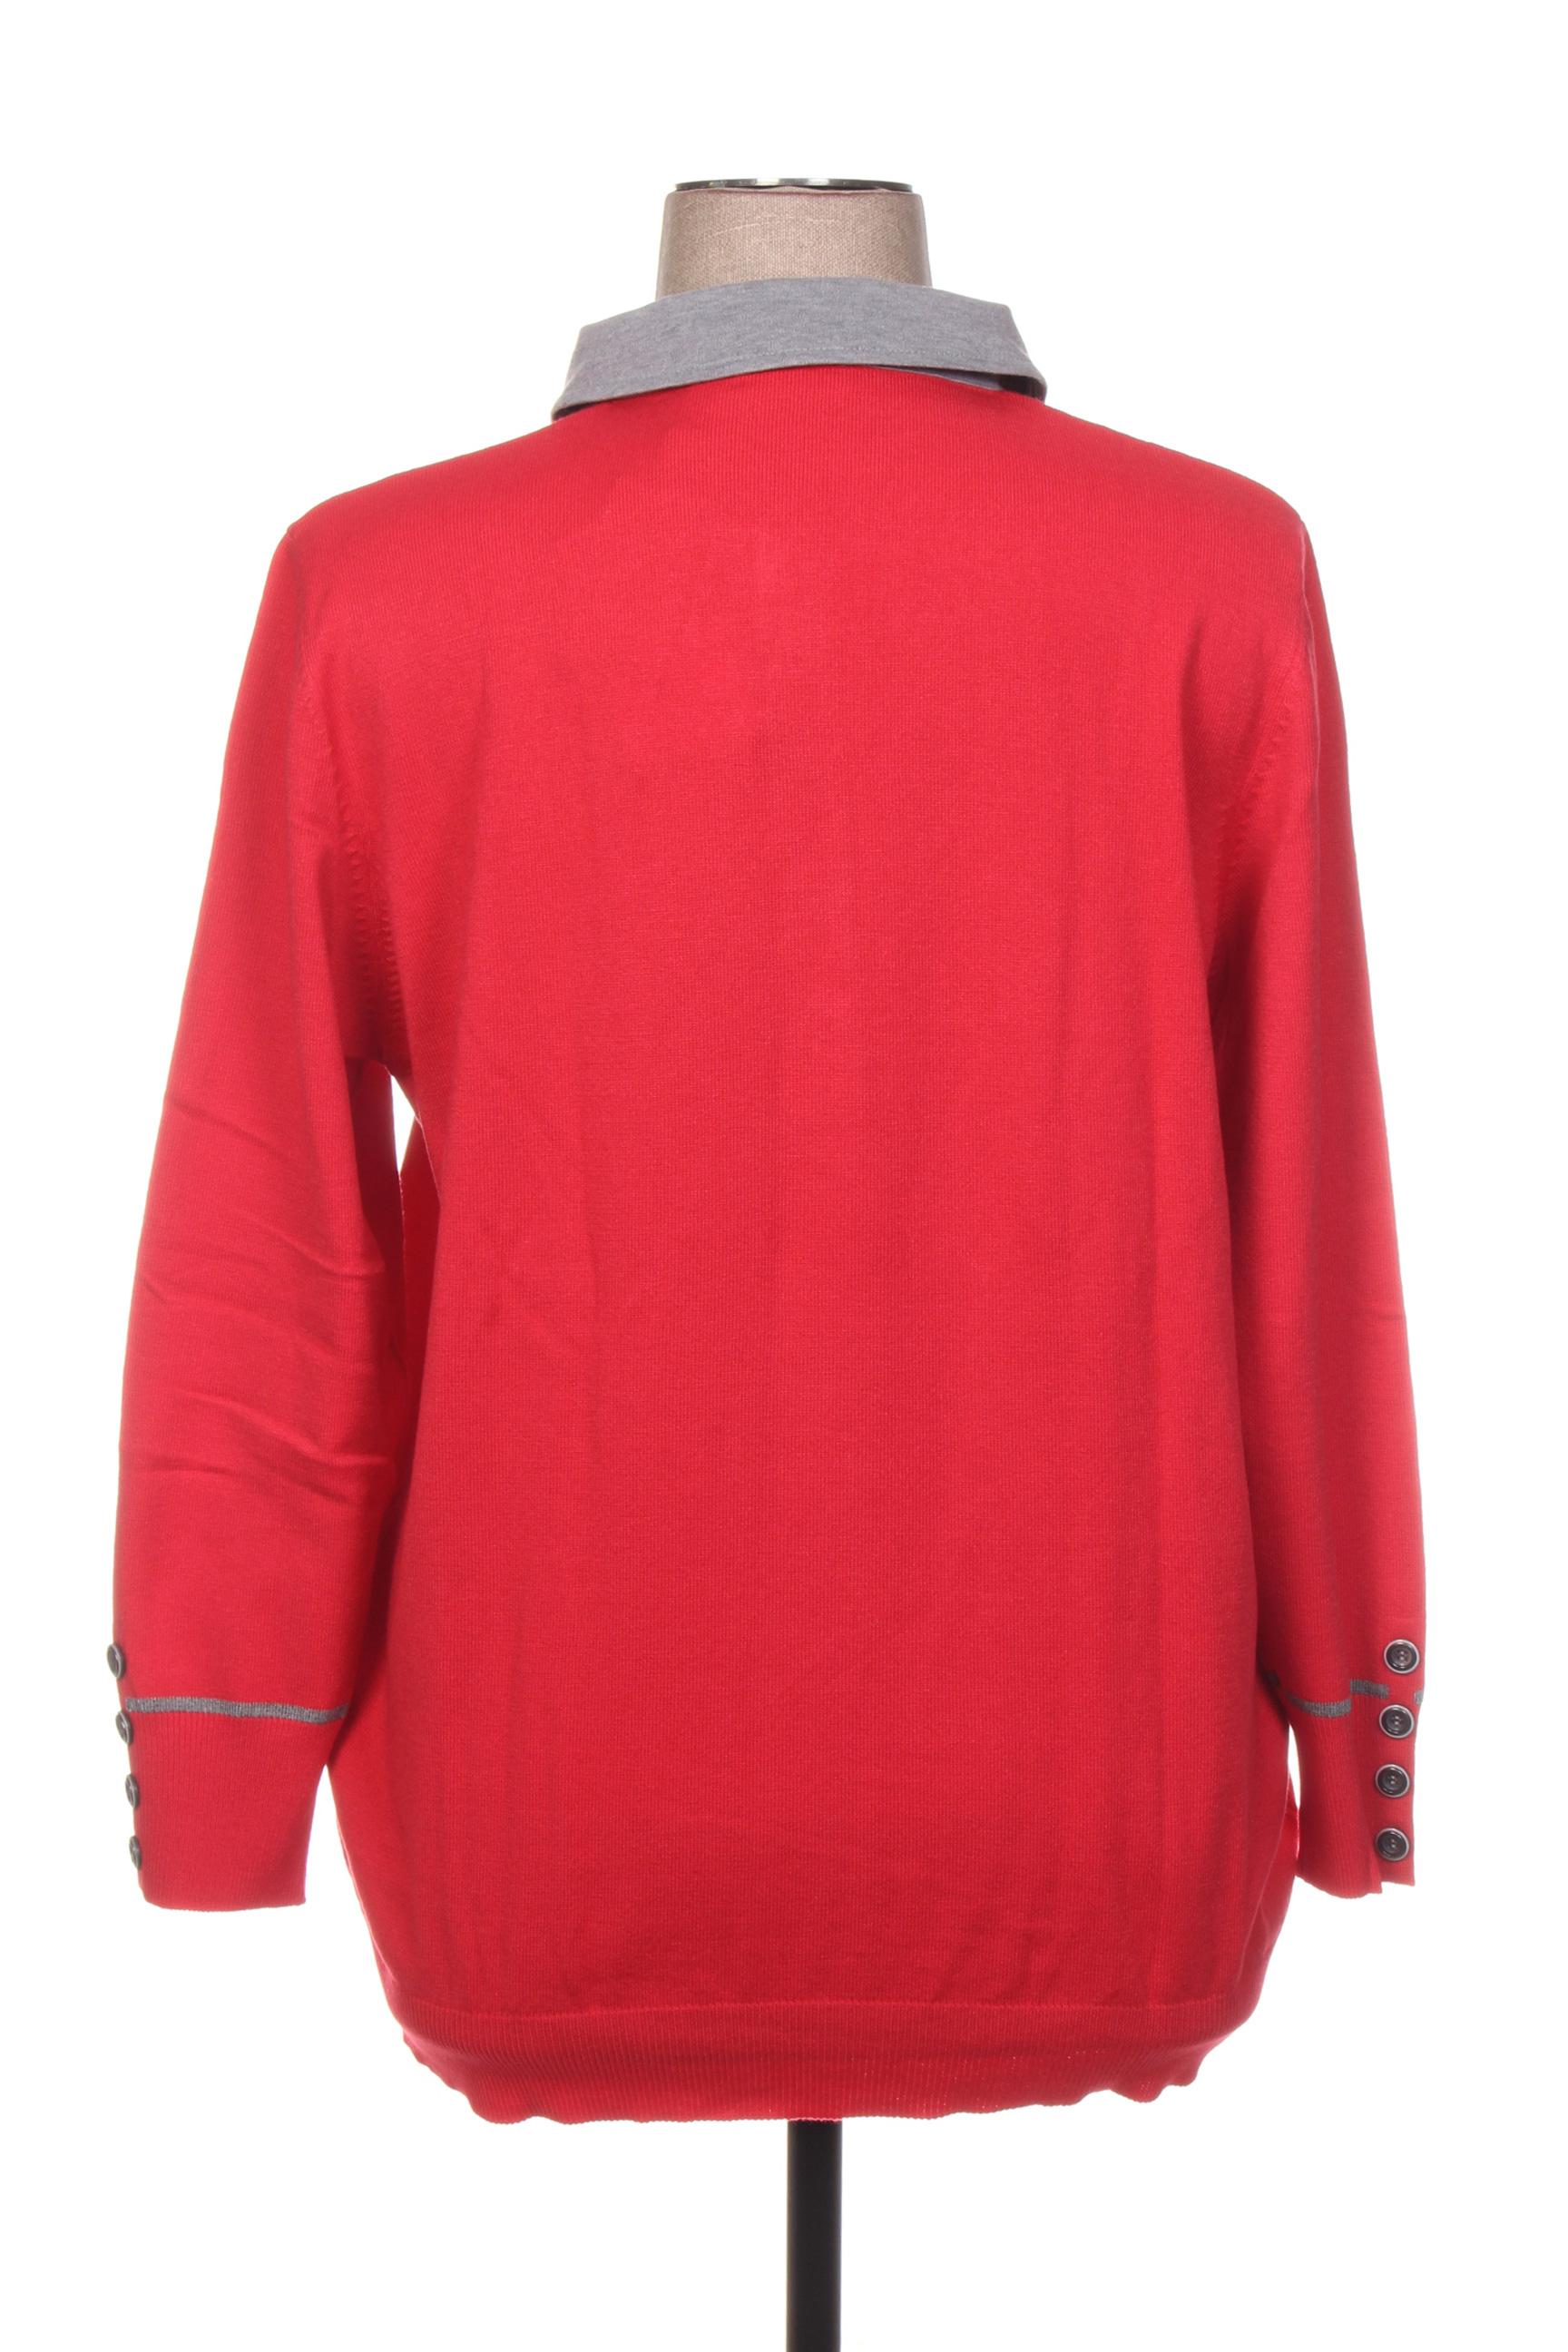 Rabe Col Chemisier Femme De Couleur Rouge En Soldes Pas Cher 1408197-rouge0